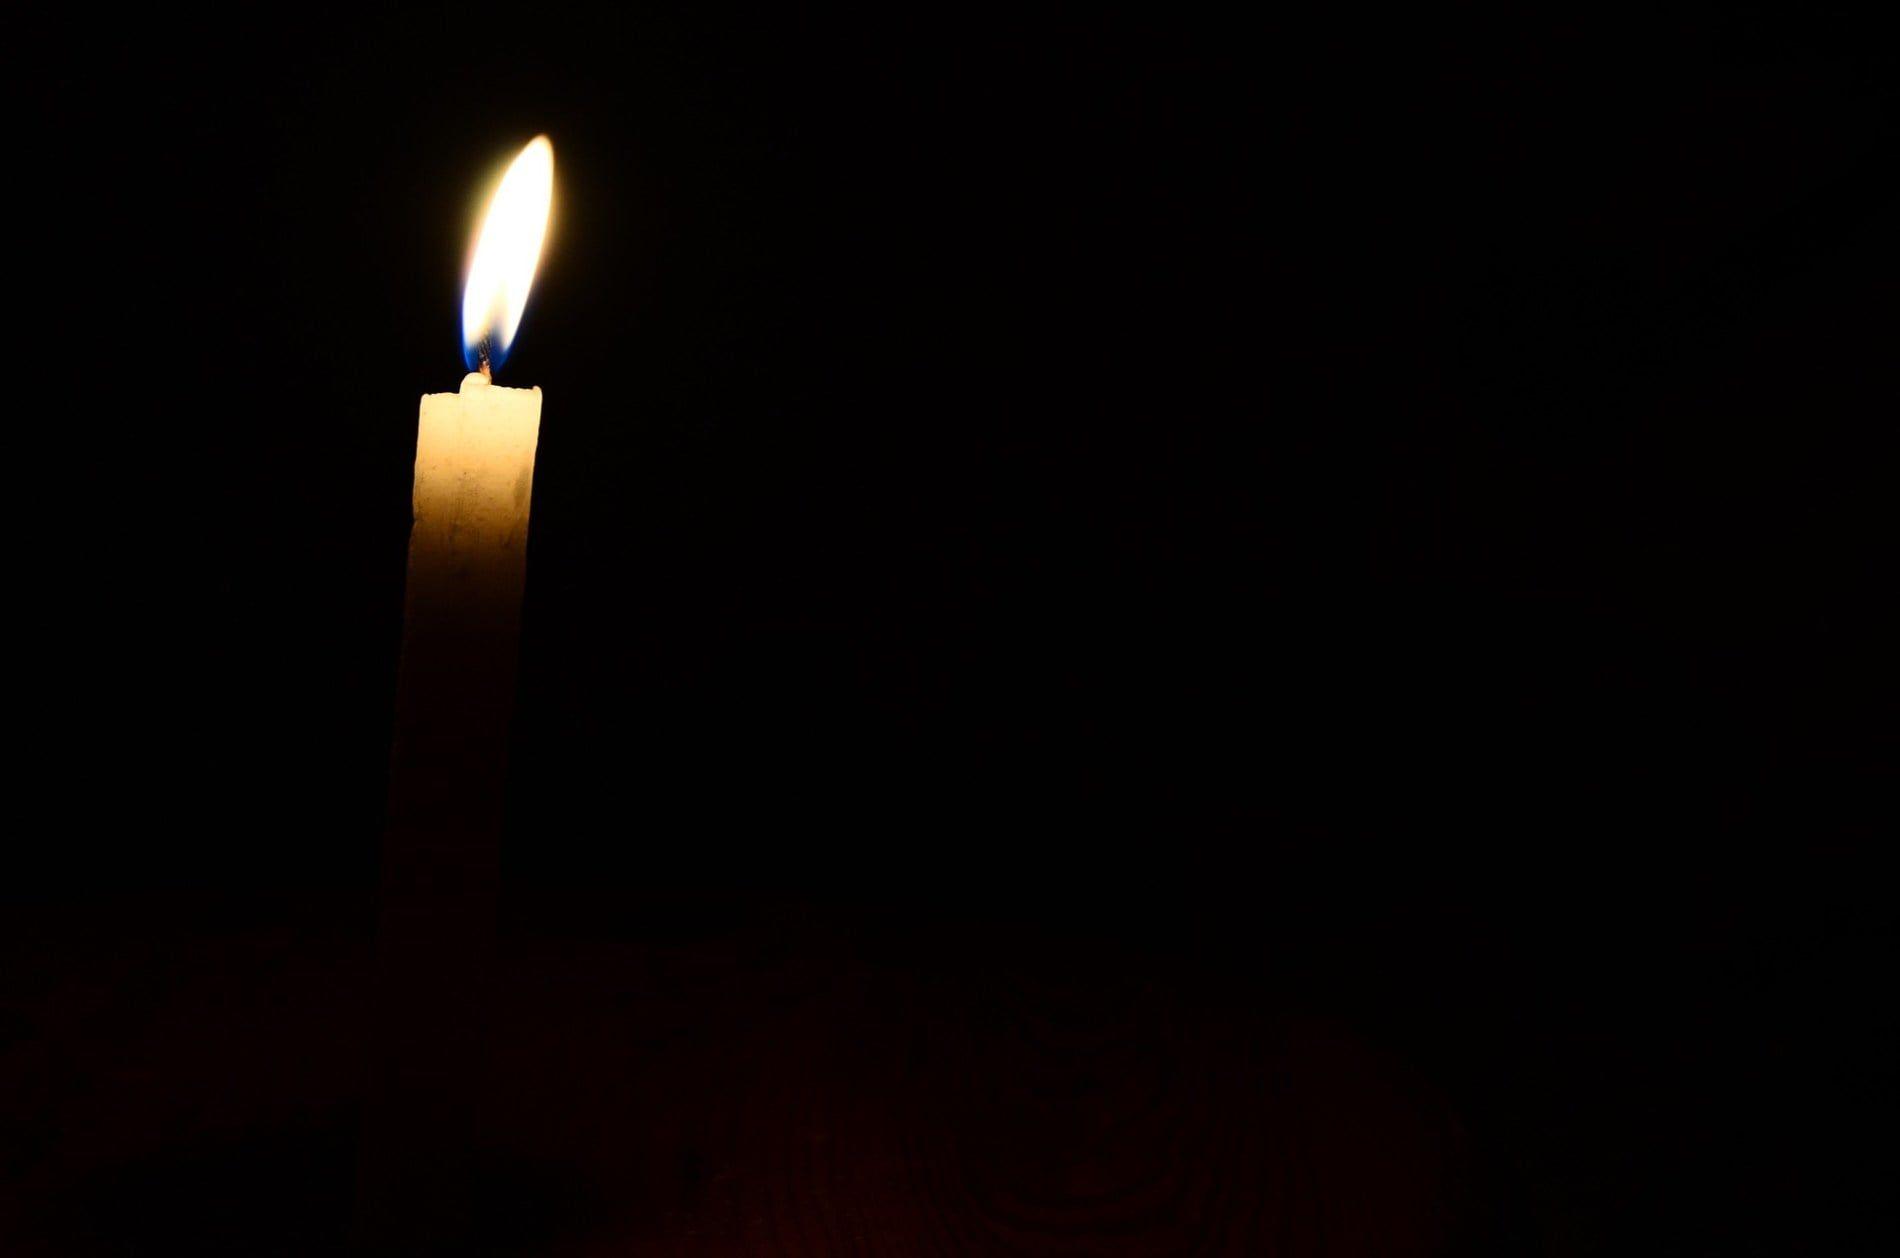 В Колпашево устранили аварию, оставившую без света около 1 750 человек